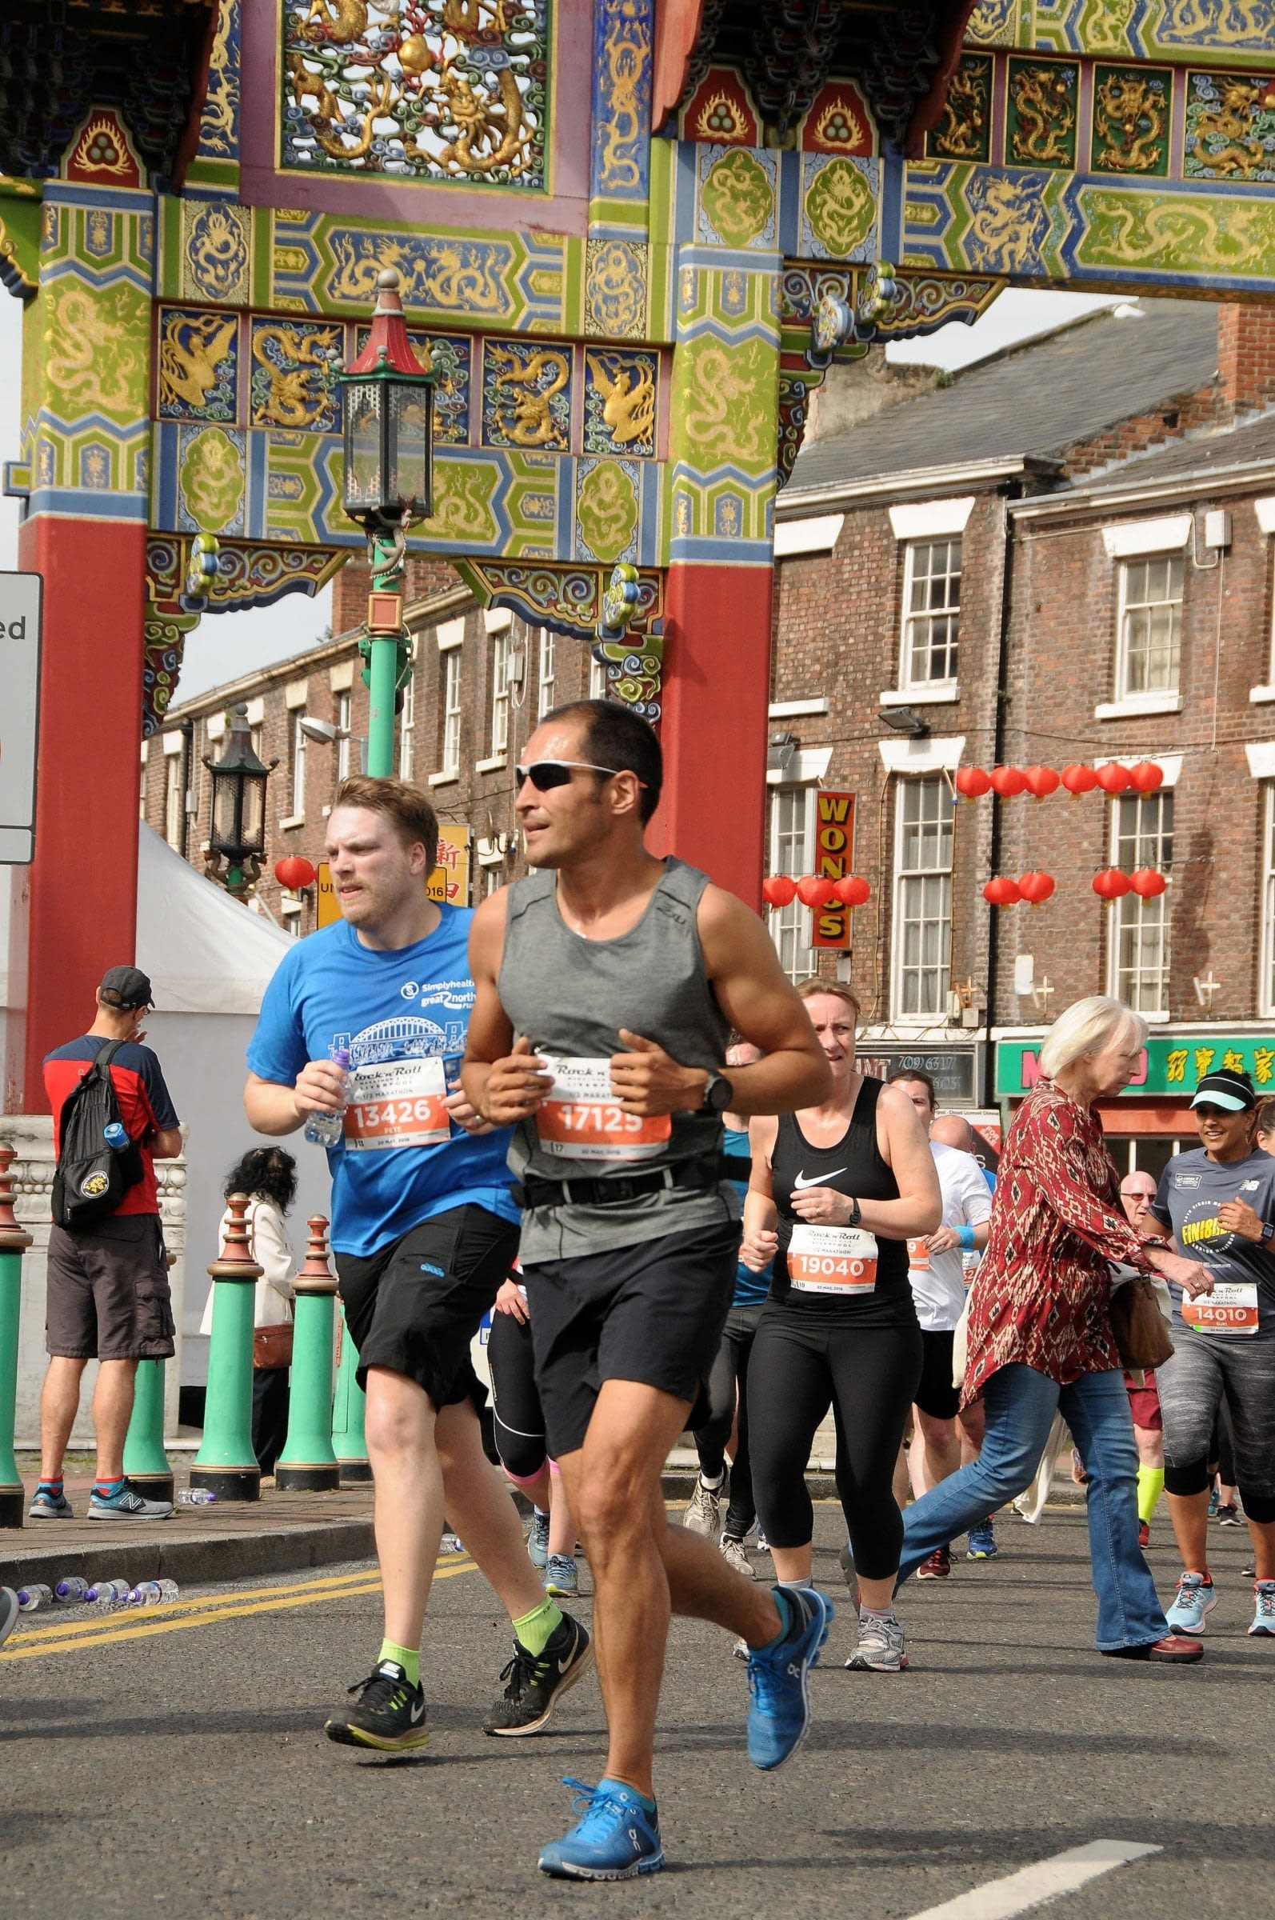 phil in liverpool half marathon